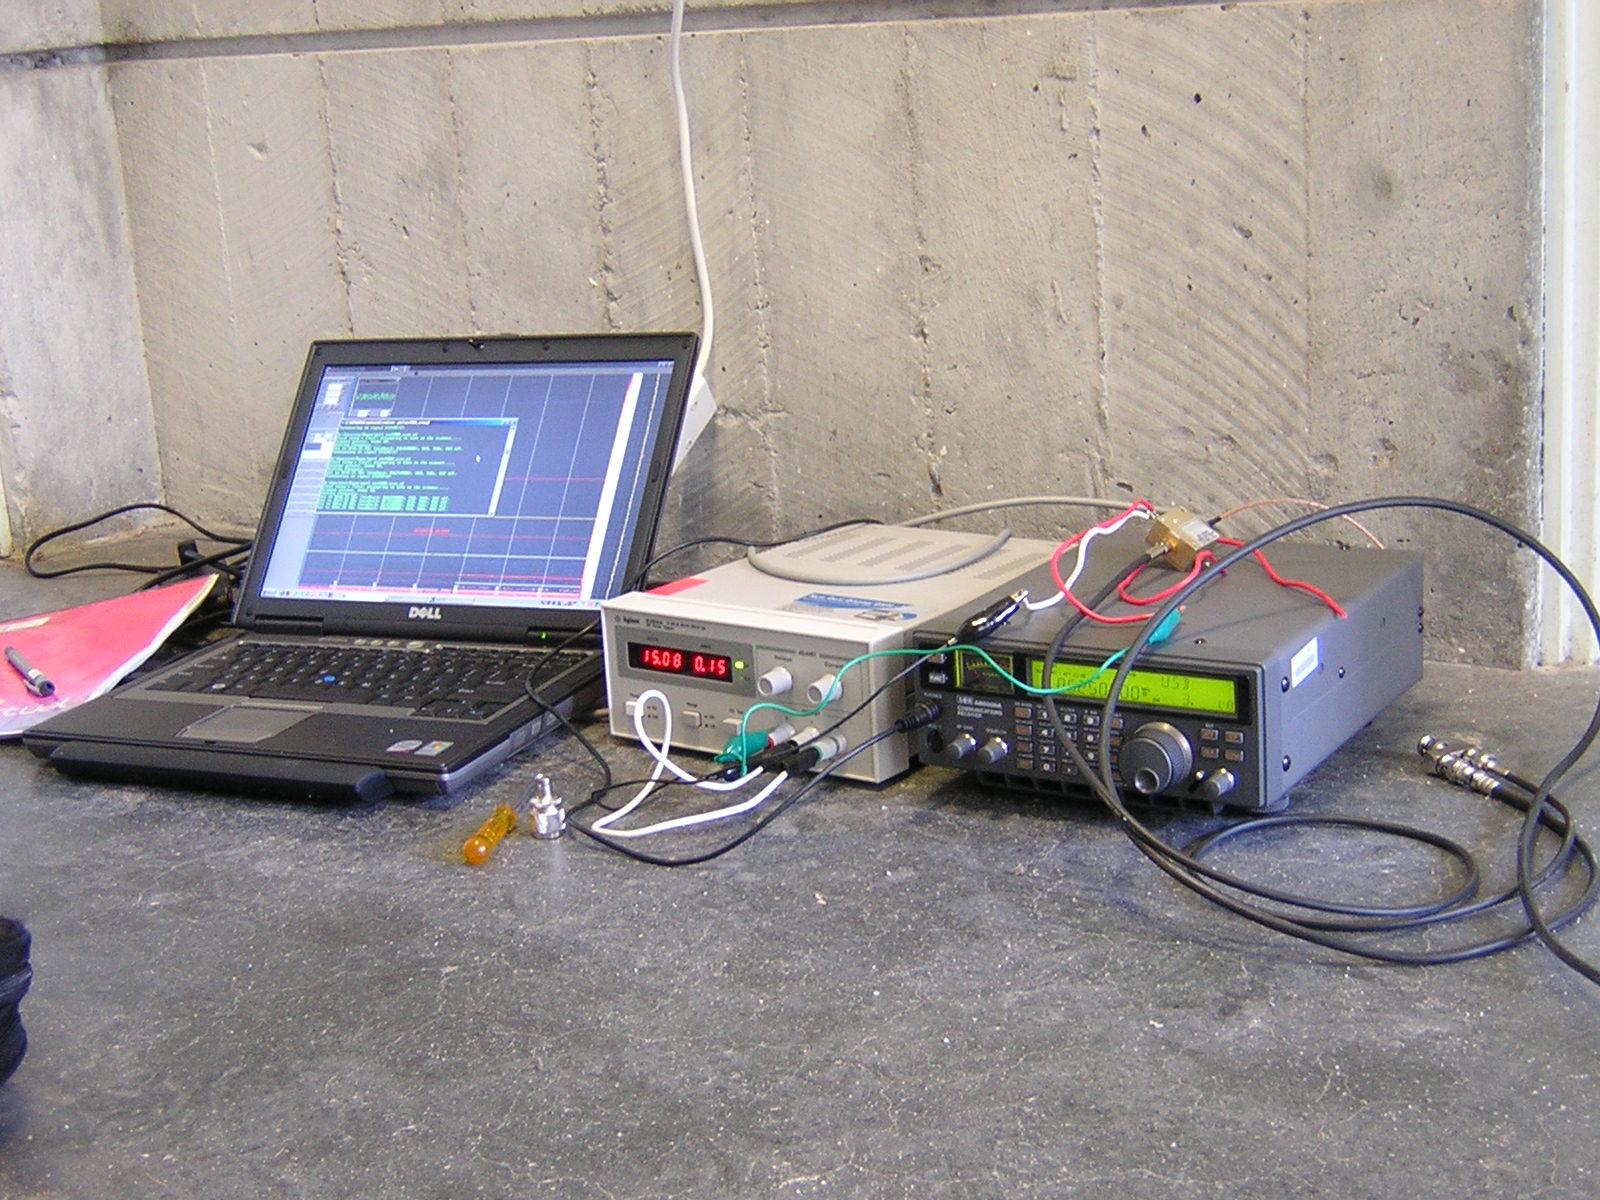 Meteor test setup at Curtin